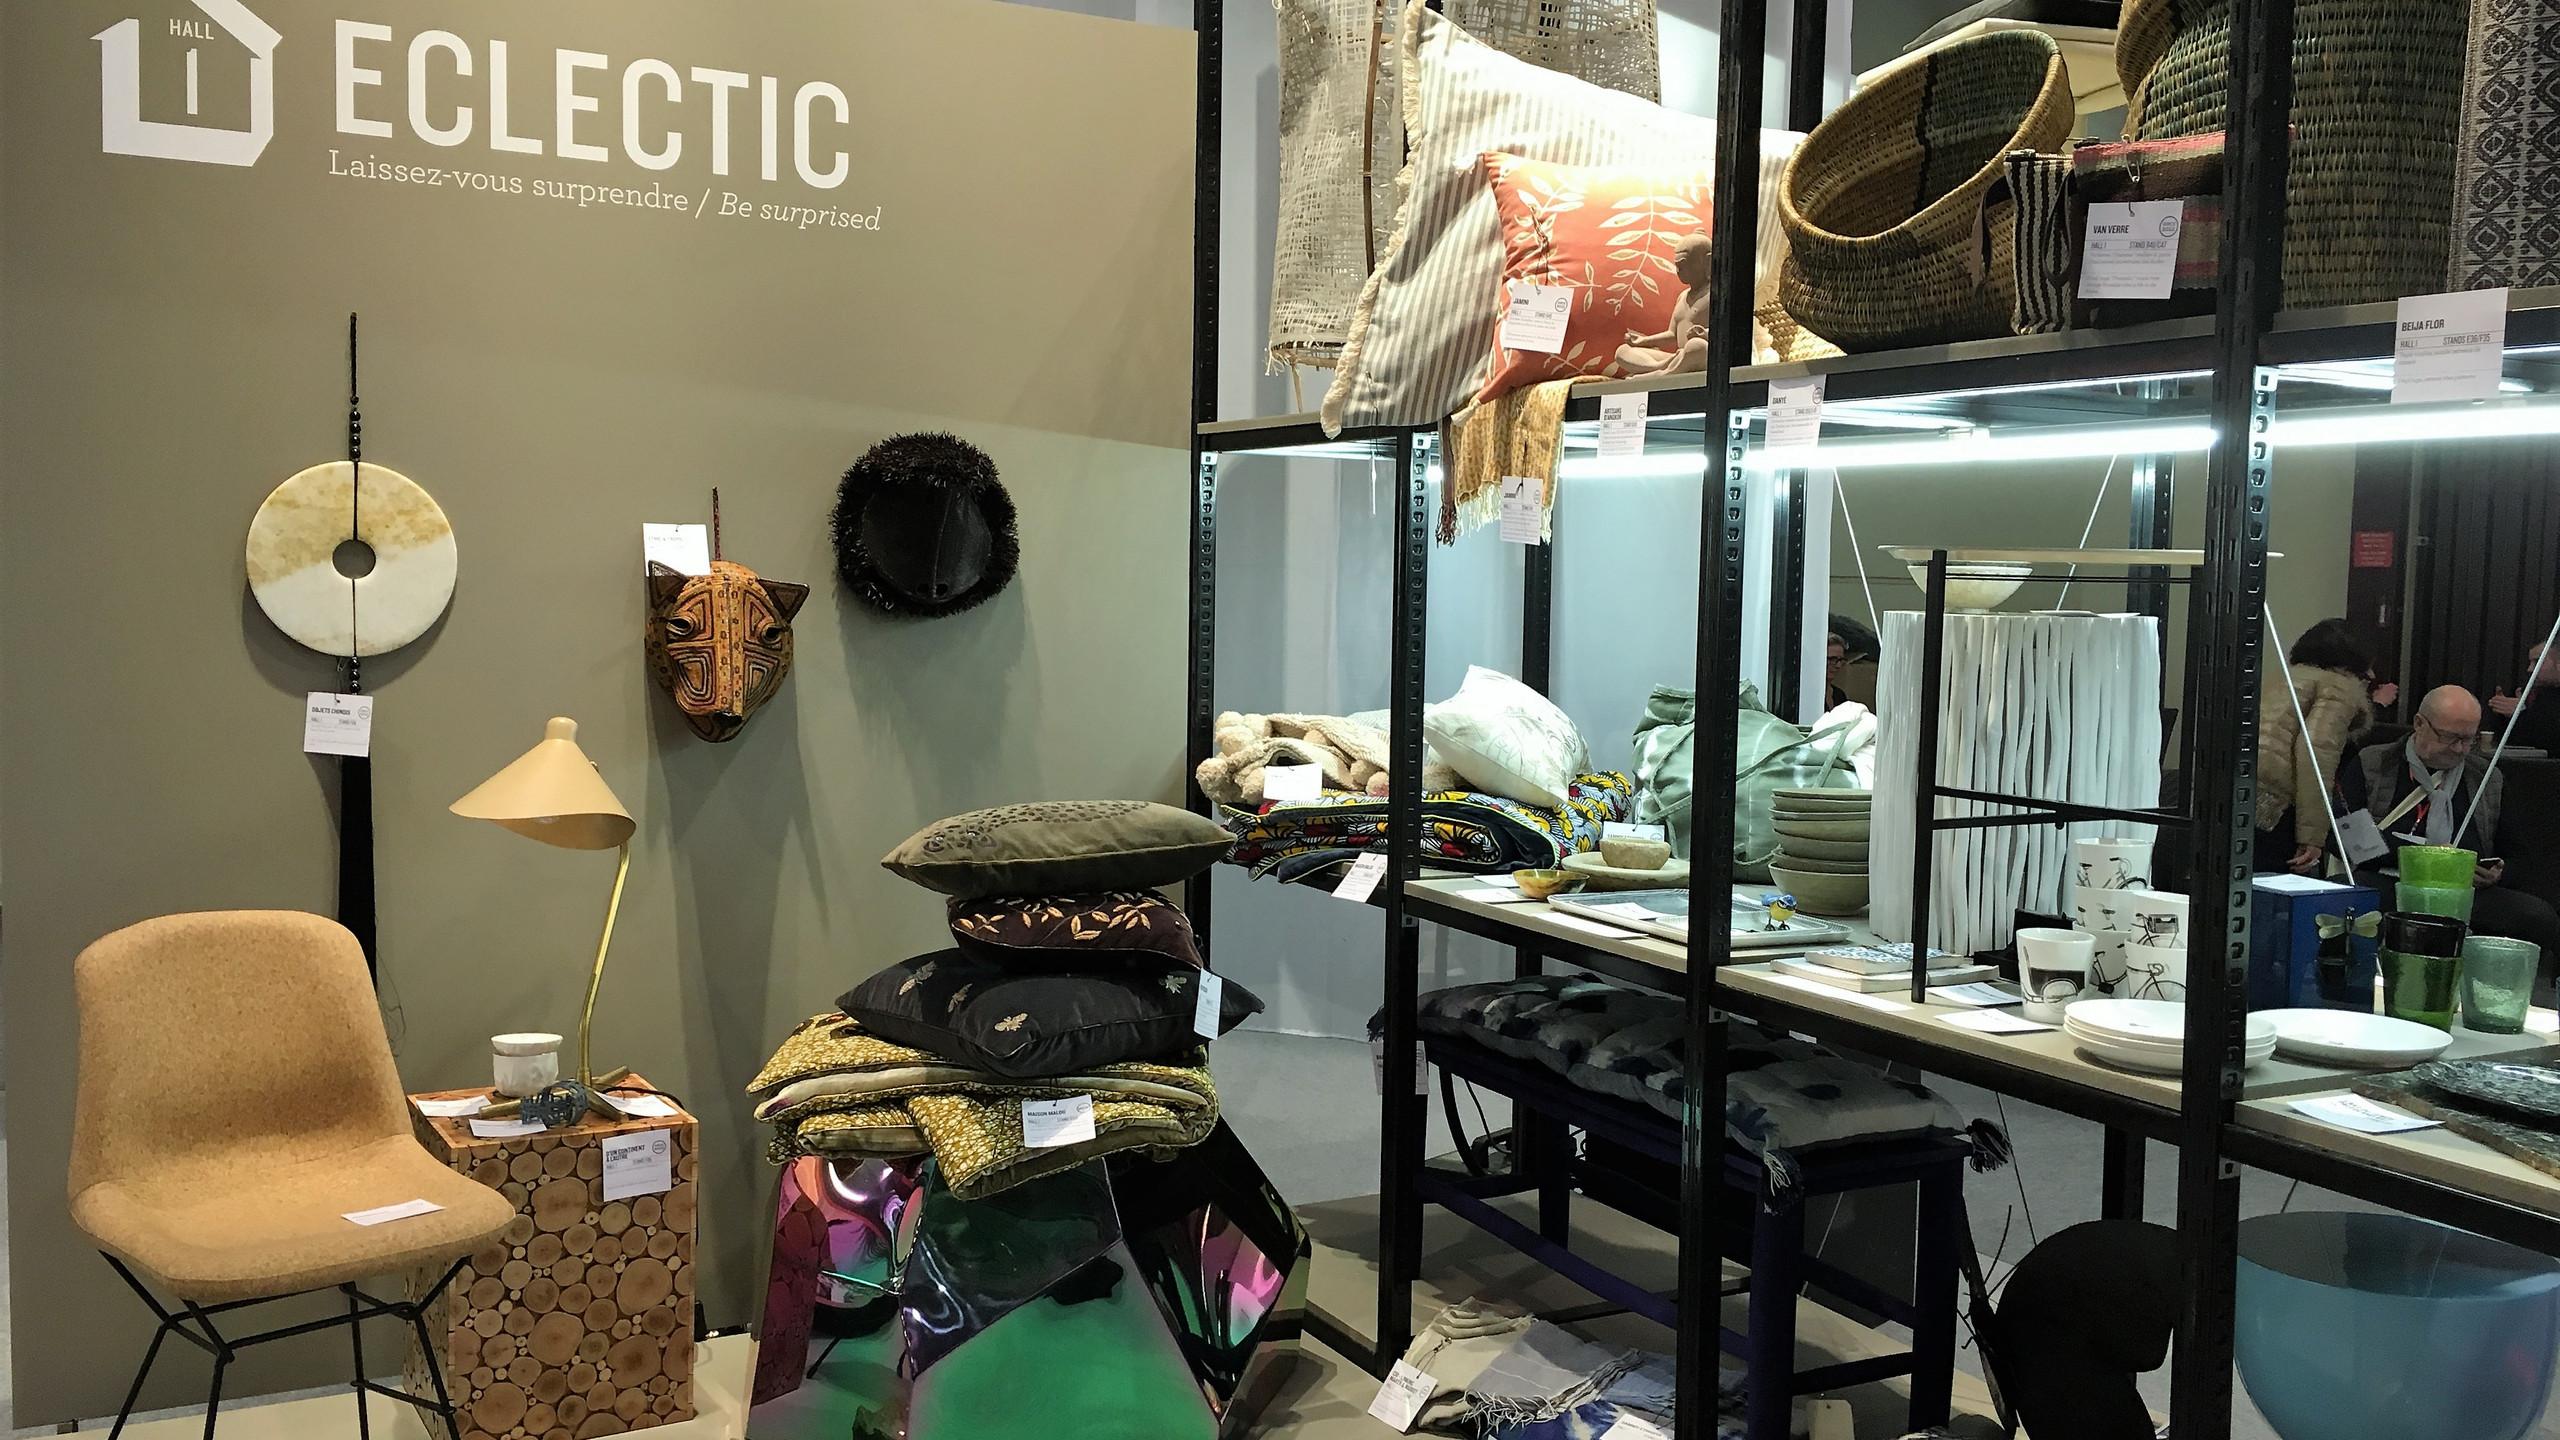 Maison & Objet Paris  Spannender Stilmix - klassische Möbel treffen auf Dekorationen aus Fernost, kombiniert mit cleanen Elementen und romantisch angehauchten Details.